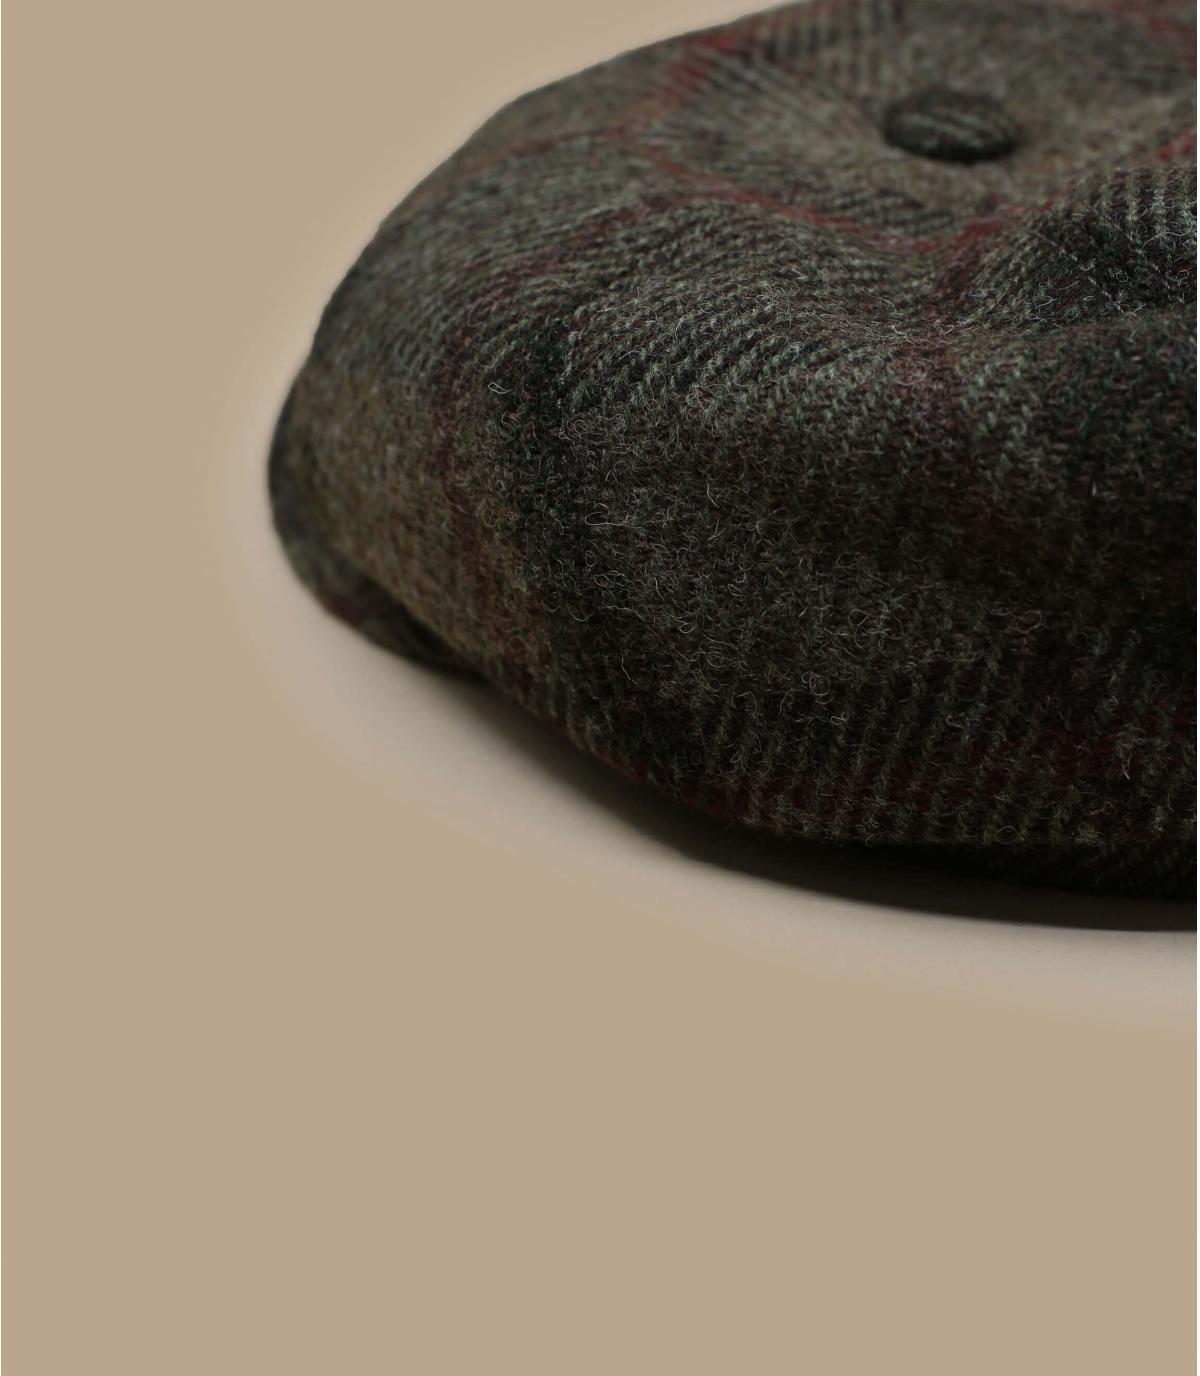 Détails Hatteras Virgin Wool check beige olive - image 2